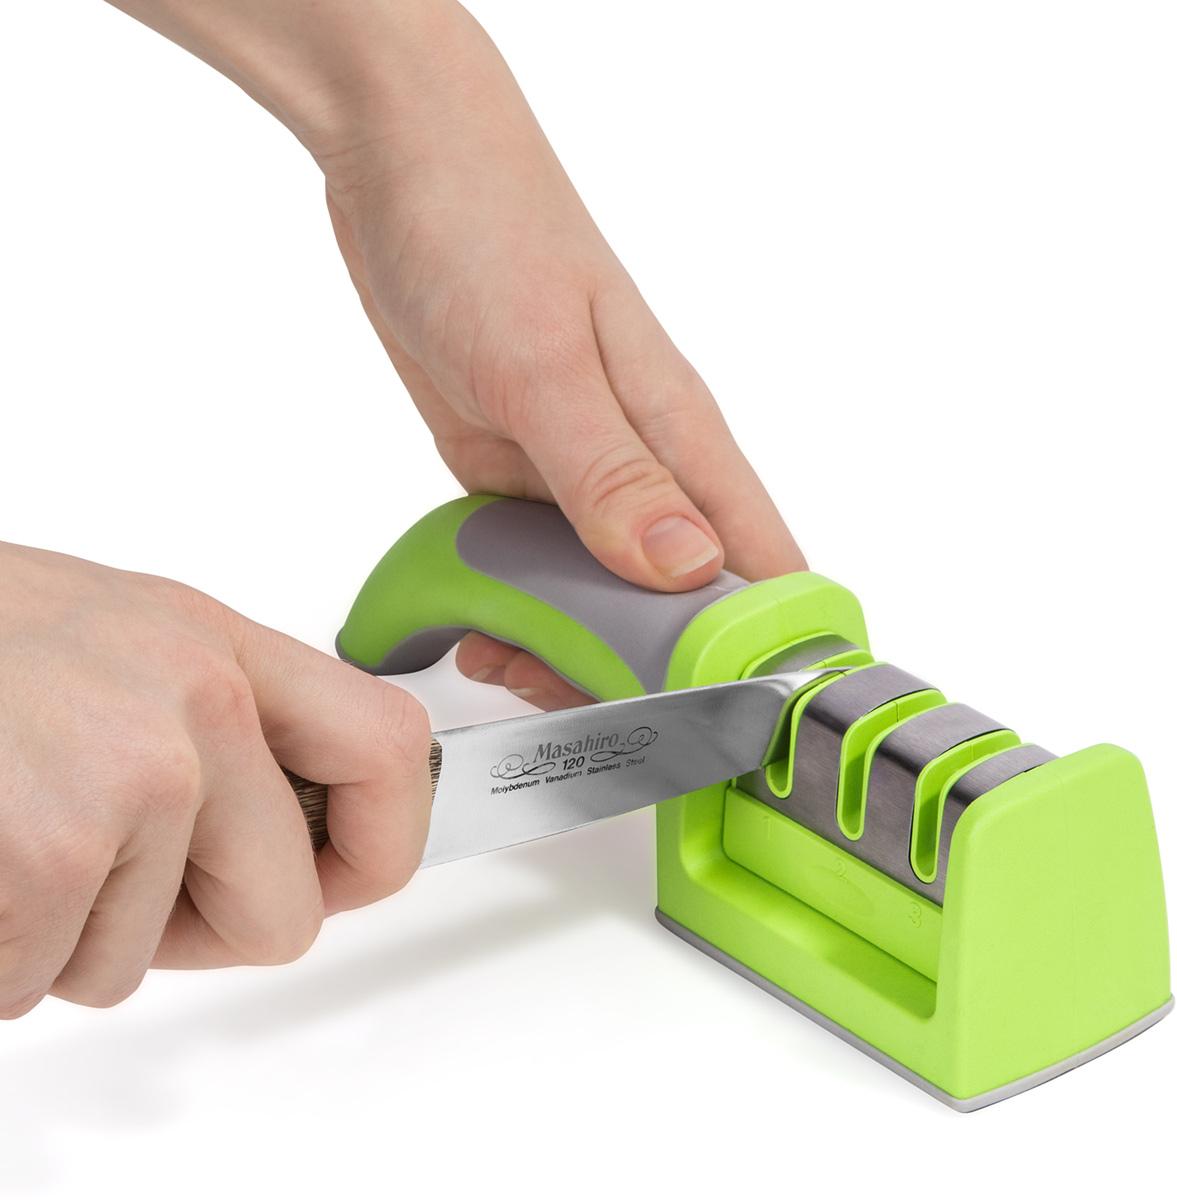 Wonder Worker SHARP Точилка для ножа, L21.5xH5.5xD5 cm, №1 Грубая заточка. №2 Тонкая заточка №3 Шлифовка. Панель из нержавеющей стали. Простой захват эргономичный tpr ручка, нескользящая резиновая основа. Материал: ABS-пластмасса, TPR, нержавеющая сталь